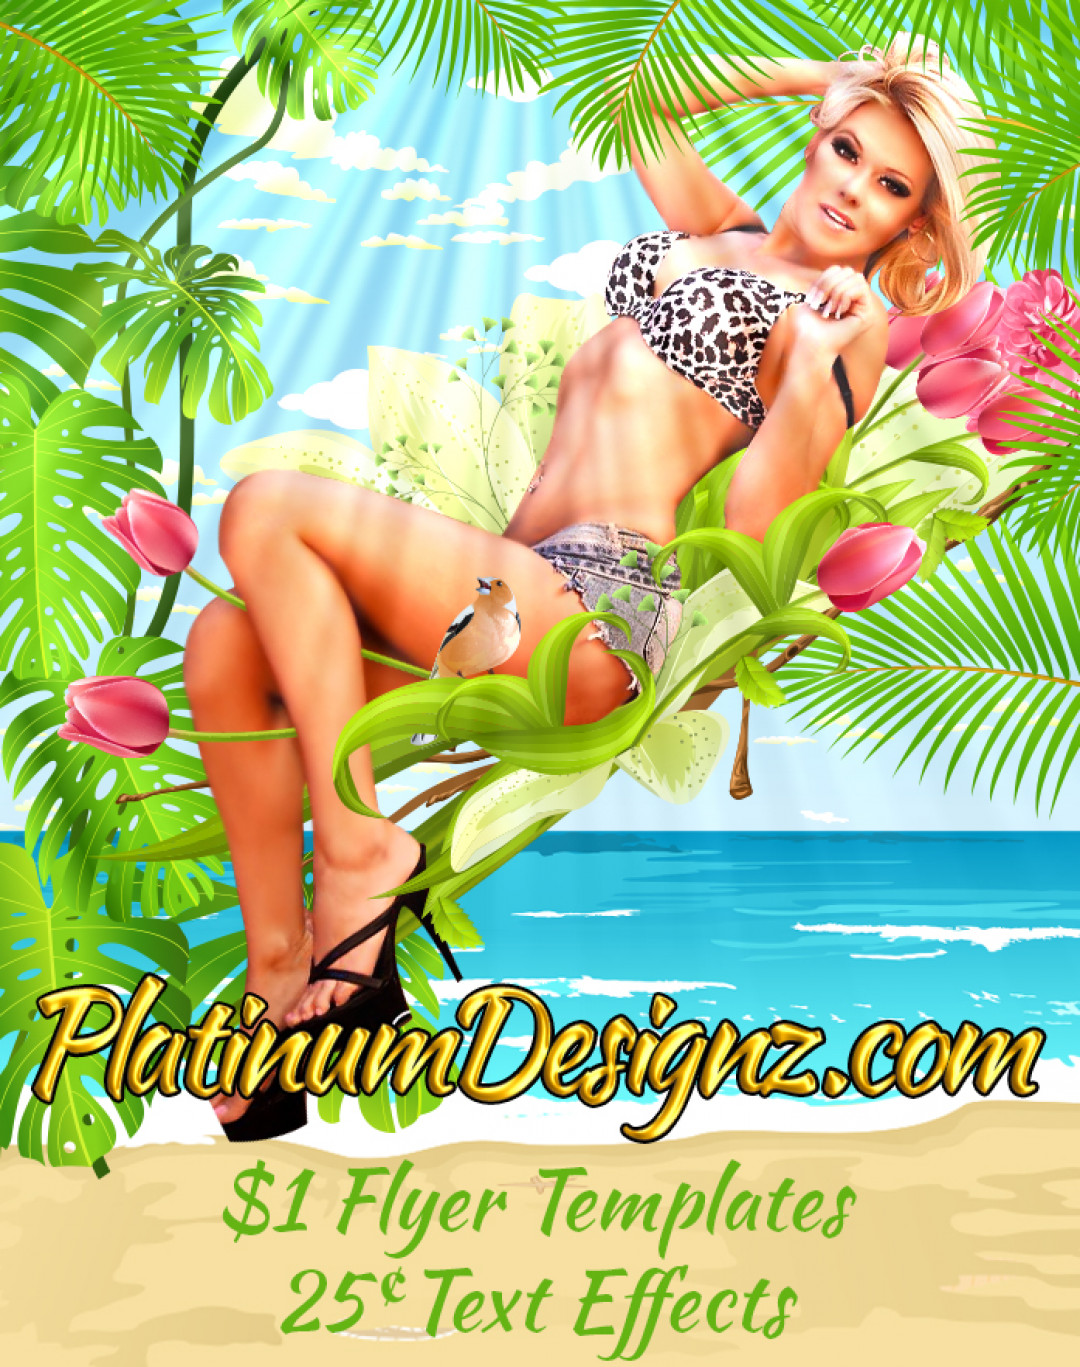 PlatinumDesignz.com